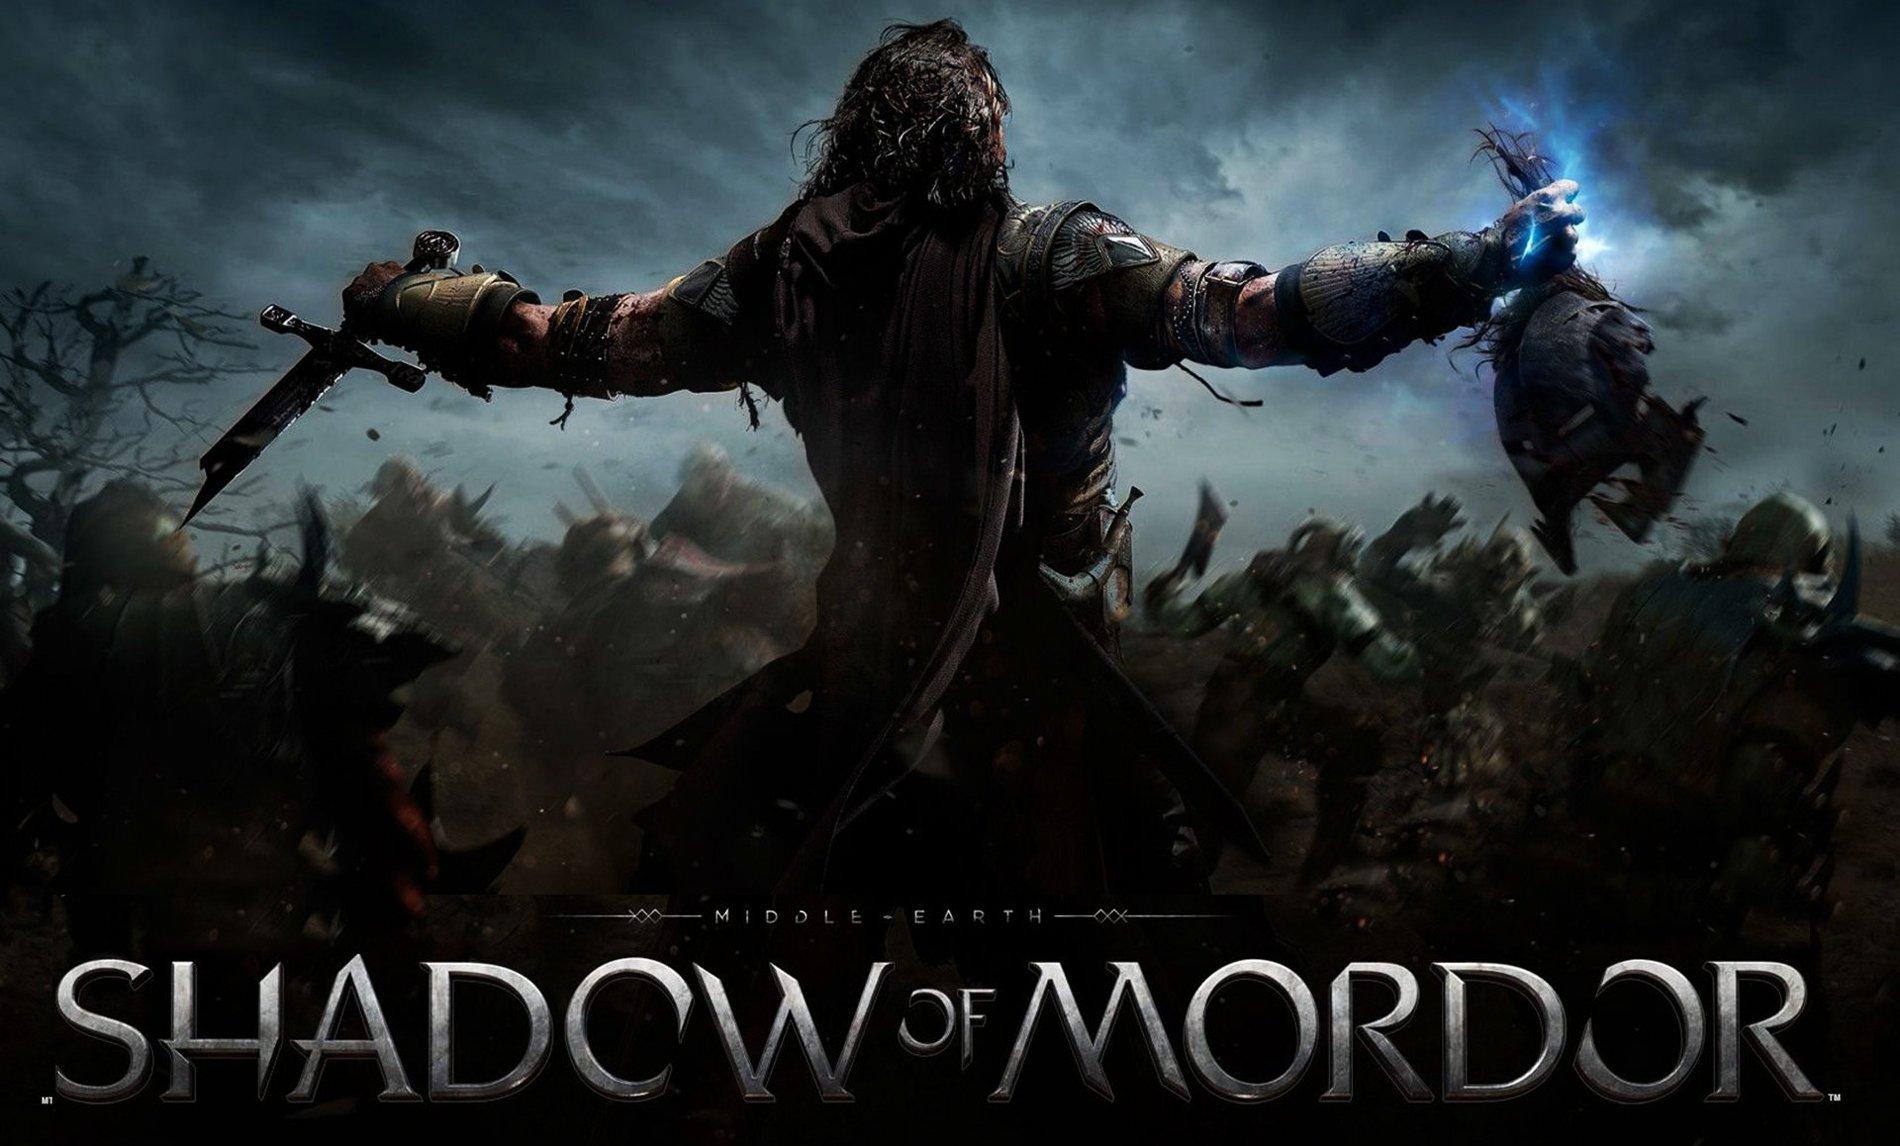 В сети появились первые оценки Middle-Earth: Shadow of Mordor. - Изображение 1